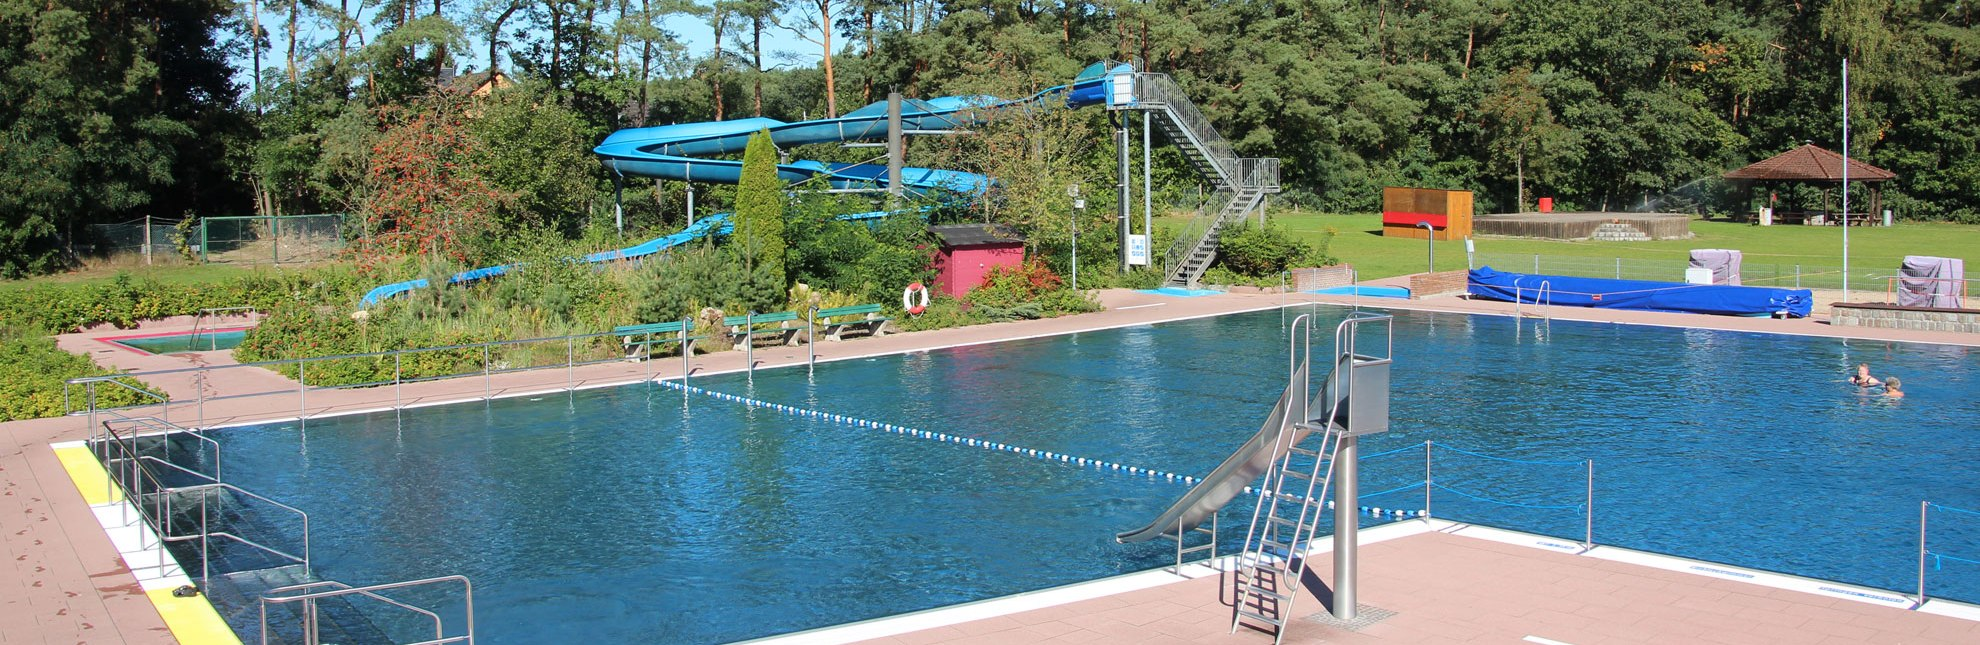 Idyllisch am Waldrand gelegen hält das Waldschwimmbad in Büchen ein großes Angebot bereit., © Gemeinde Büchen